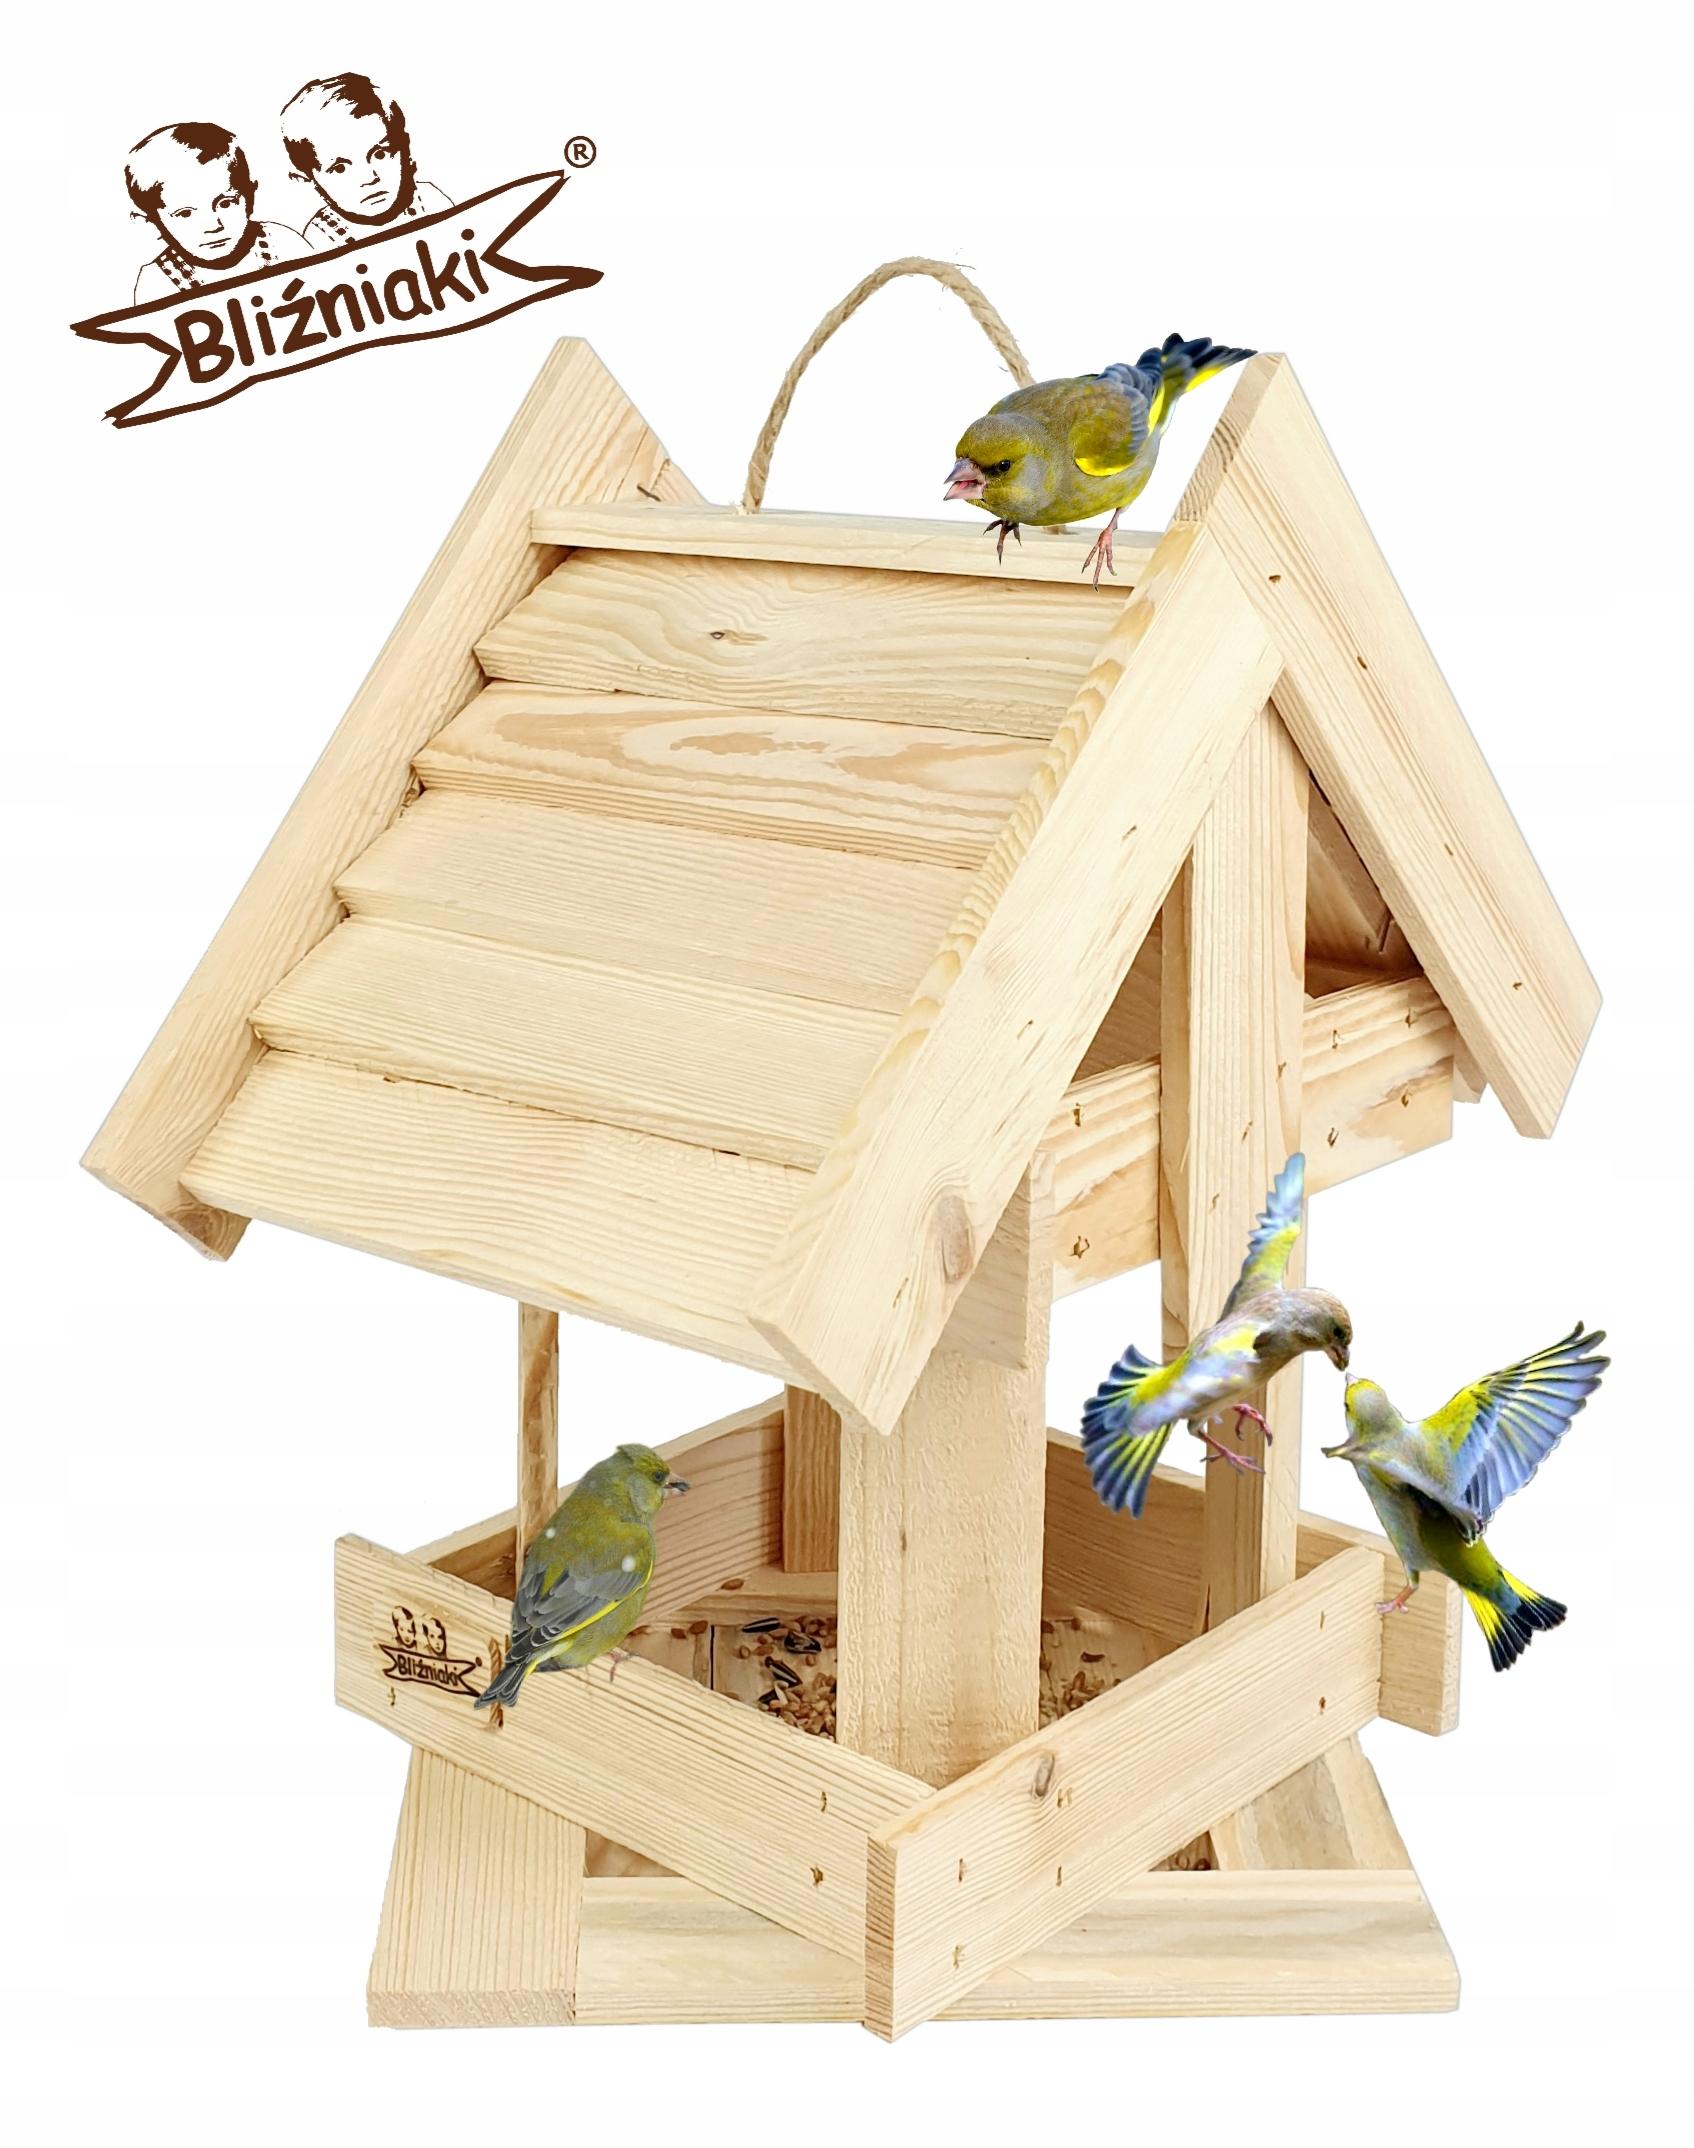 Dekoratívne Veľké Vtáčie Kŕmidlá, Stánok Dom, Prístrešok,